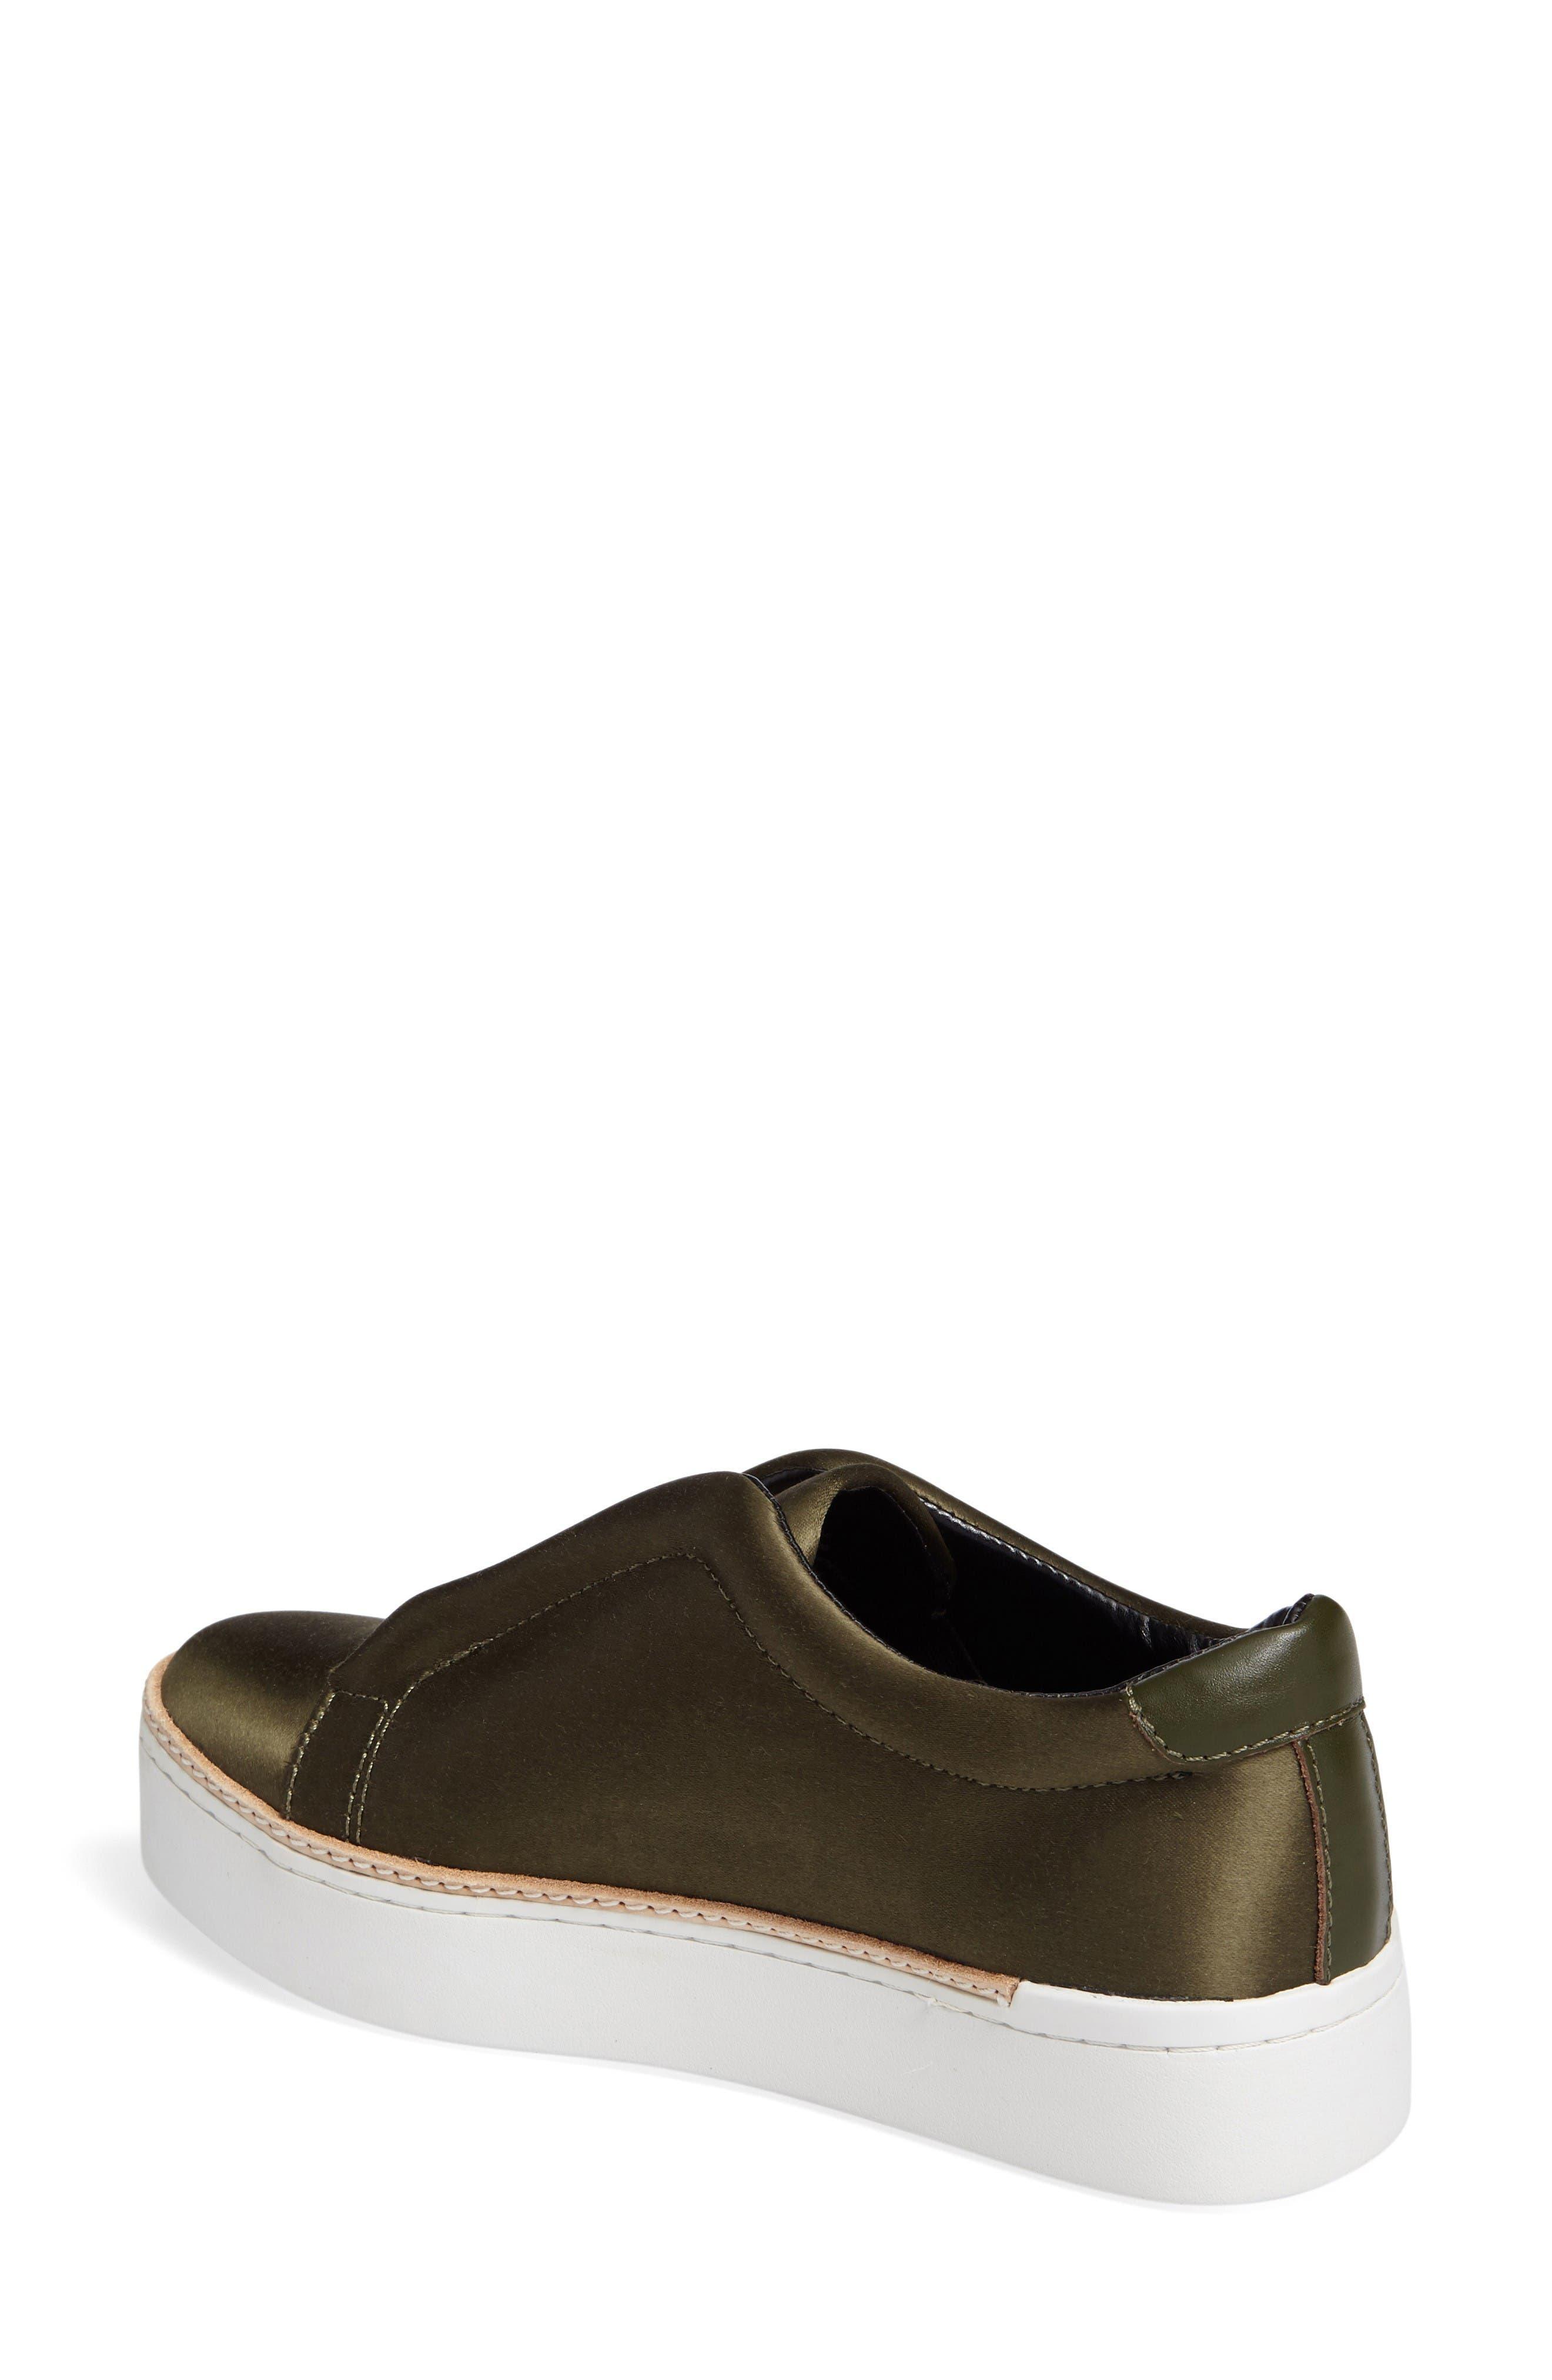 Alternate Image 2  - M4D3 Super Slip-On Sneaker (Women)